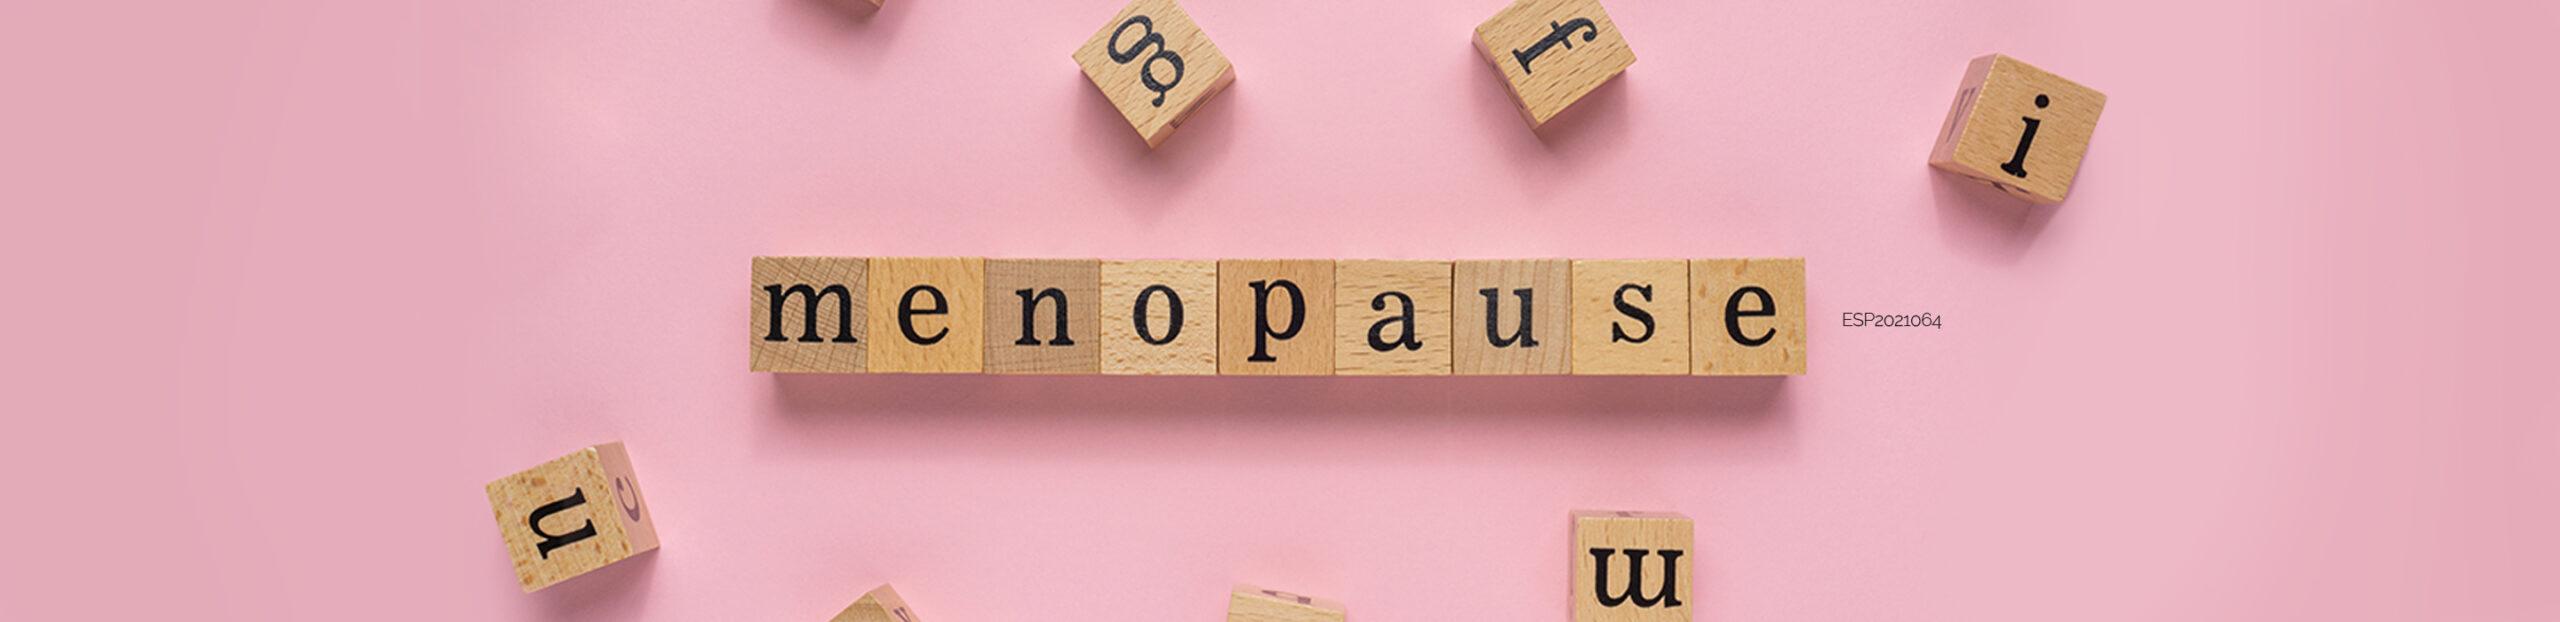 menopausia y covid 19